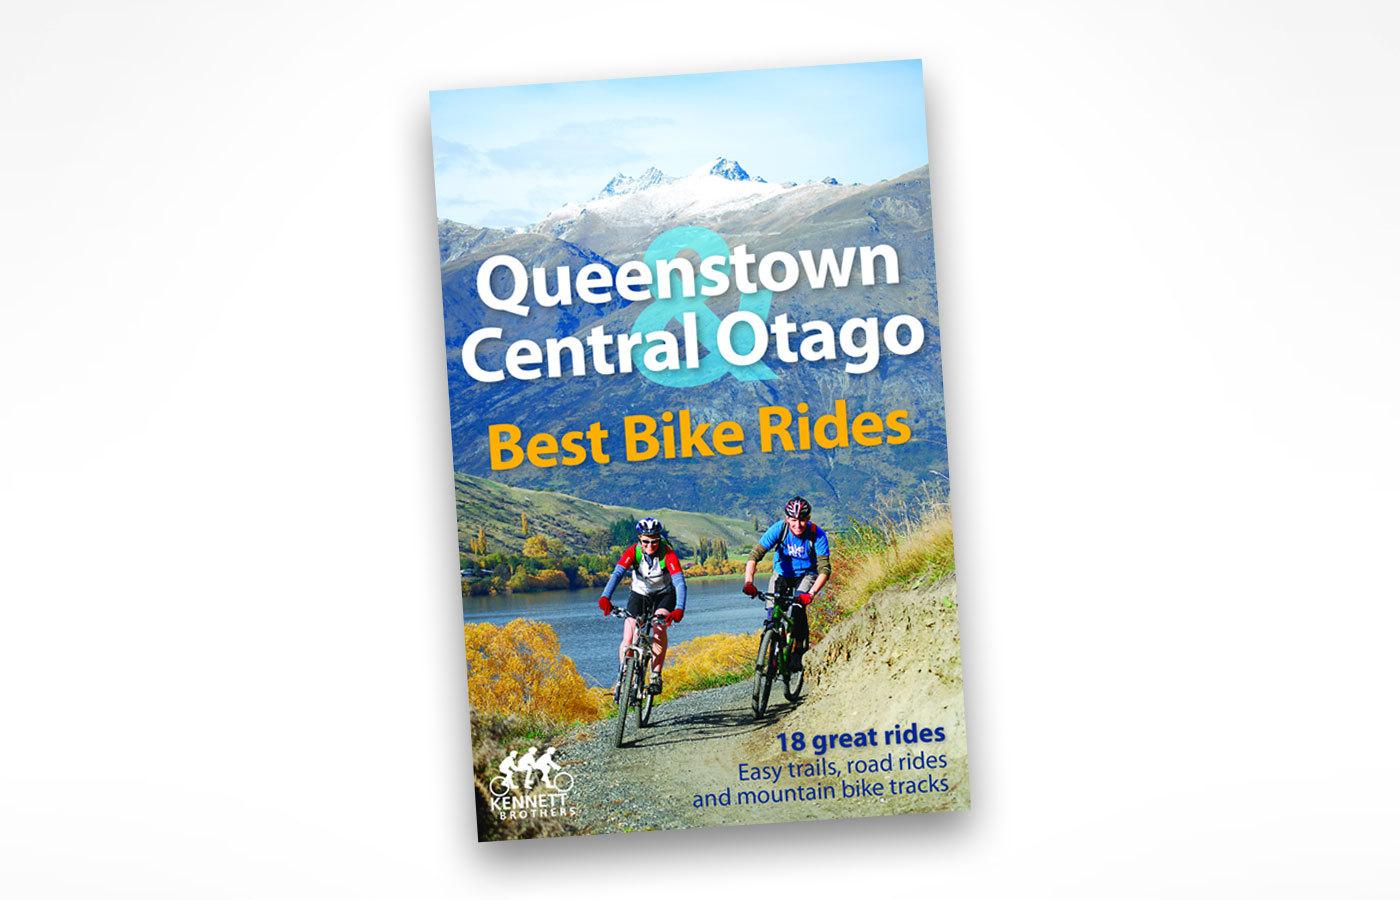 Queenstown & Central Otago Best Bike Rides